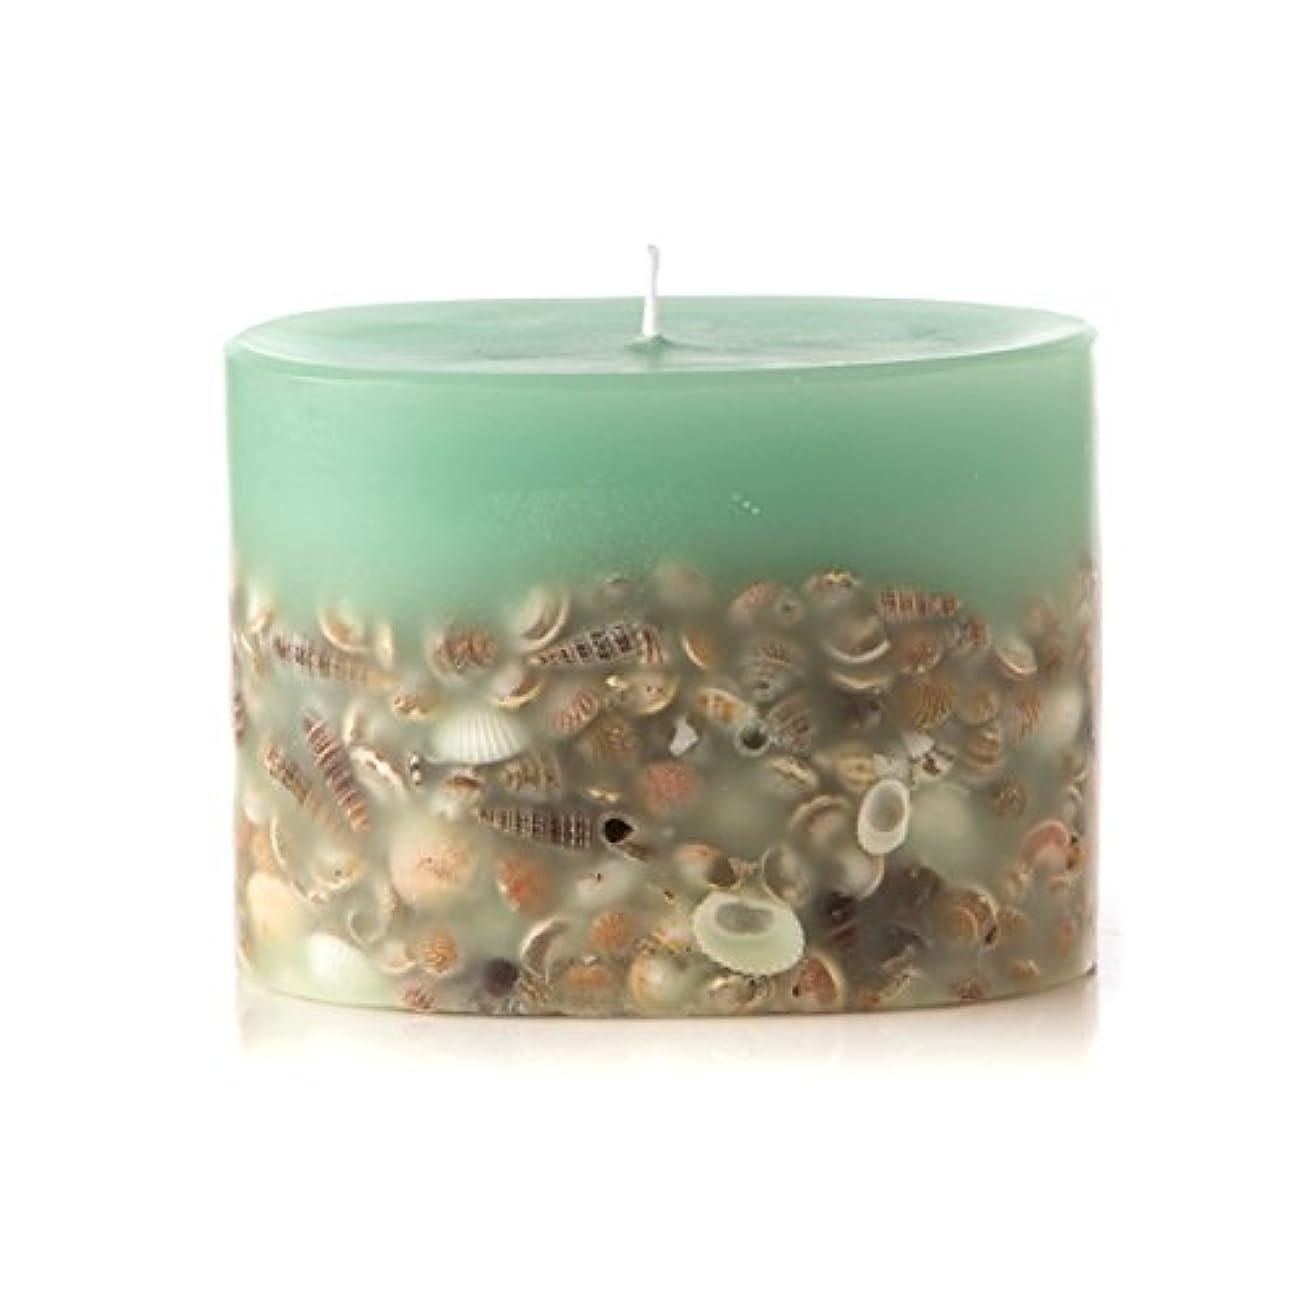 ロージーリングス プティボタニカルキャンドル シーグラス ROSY RINGS Petite Oval Botanical Candle Sea Glass